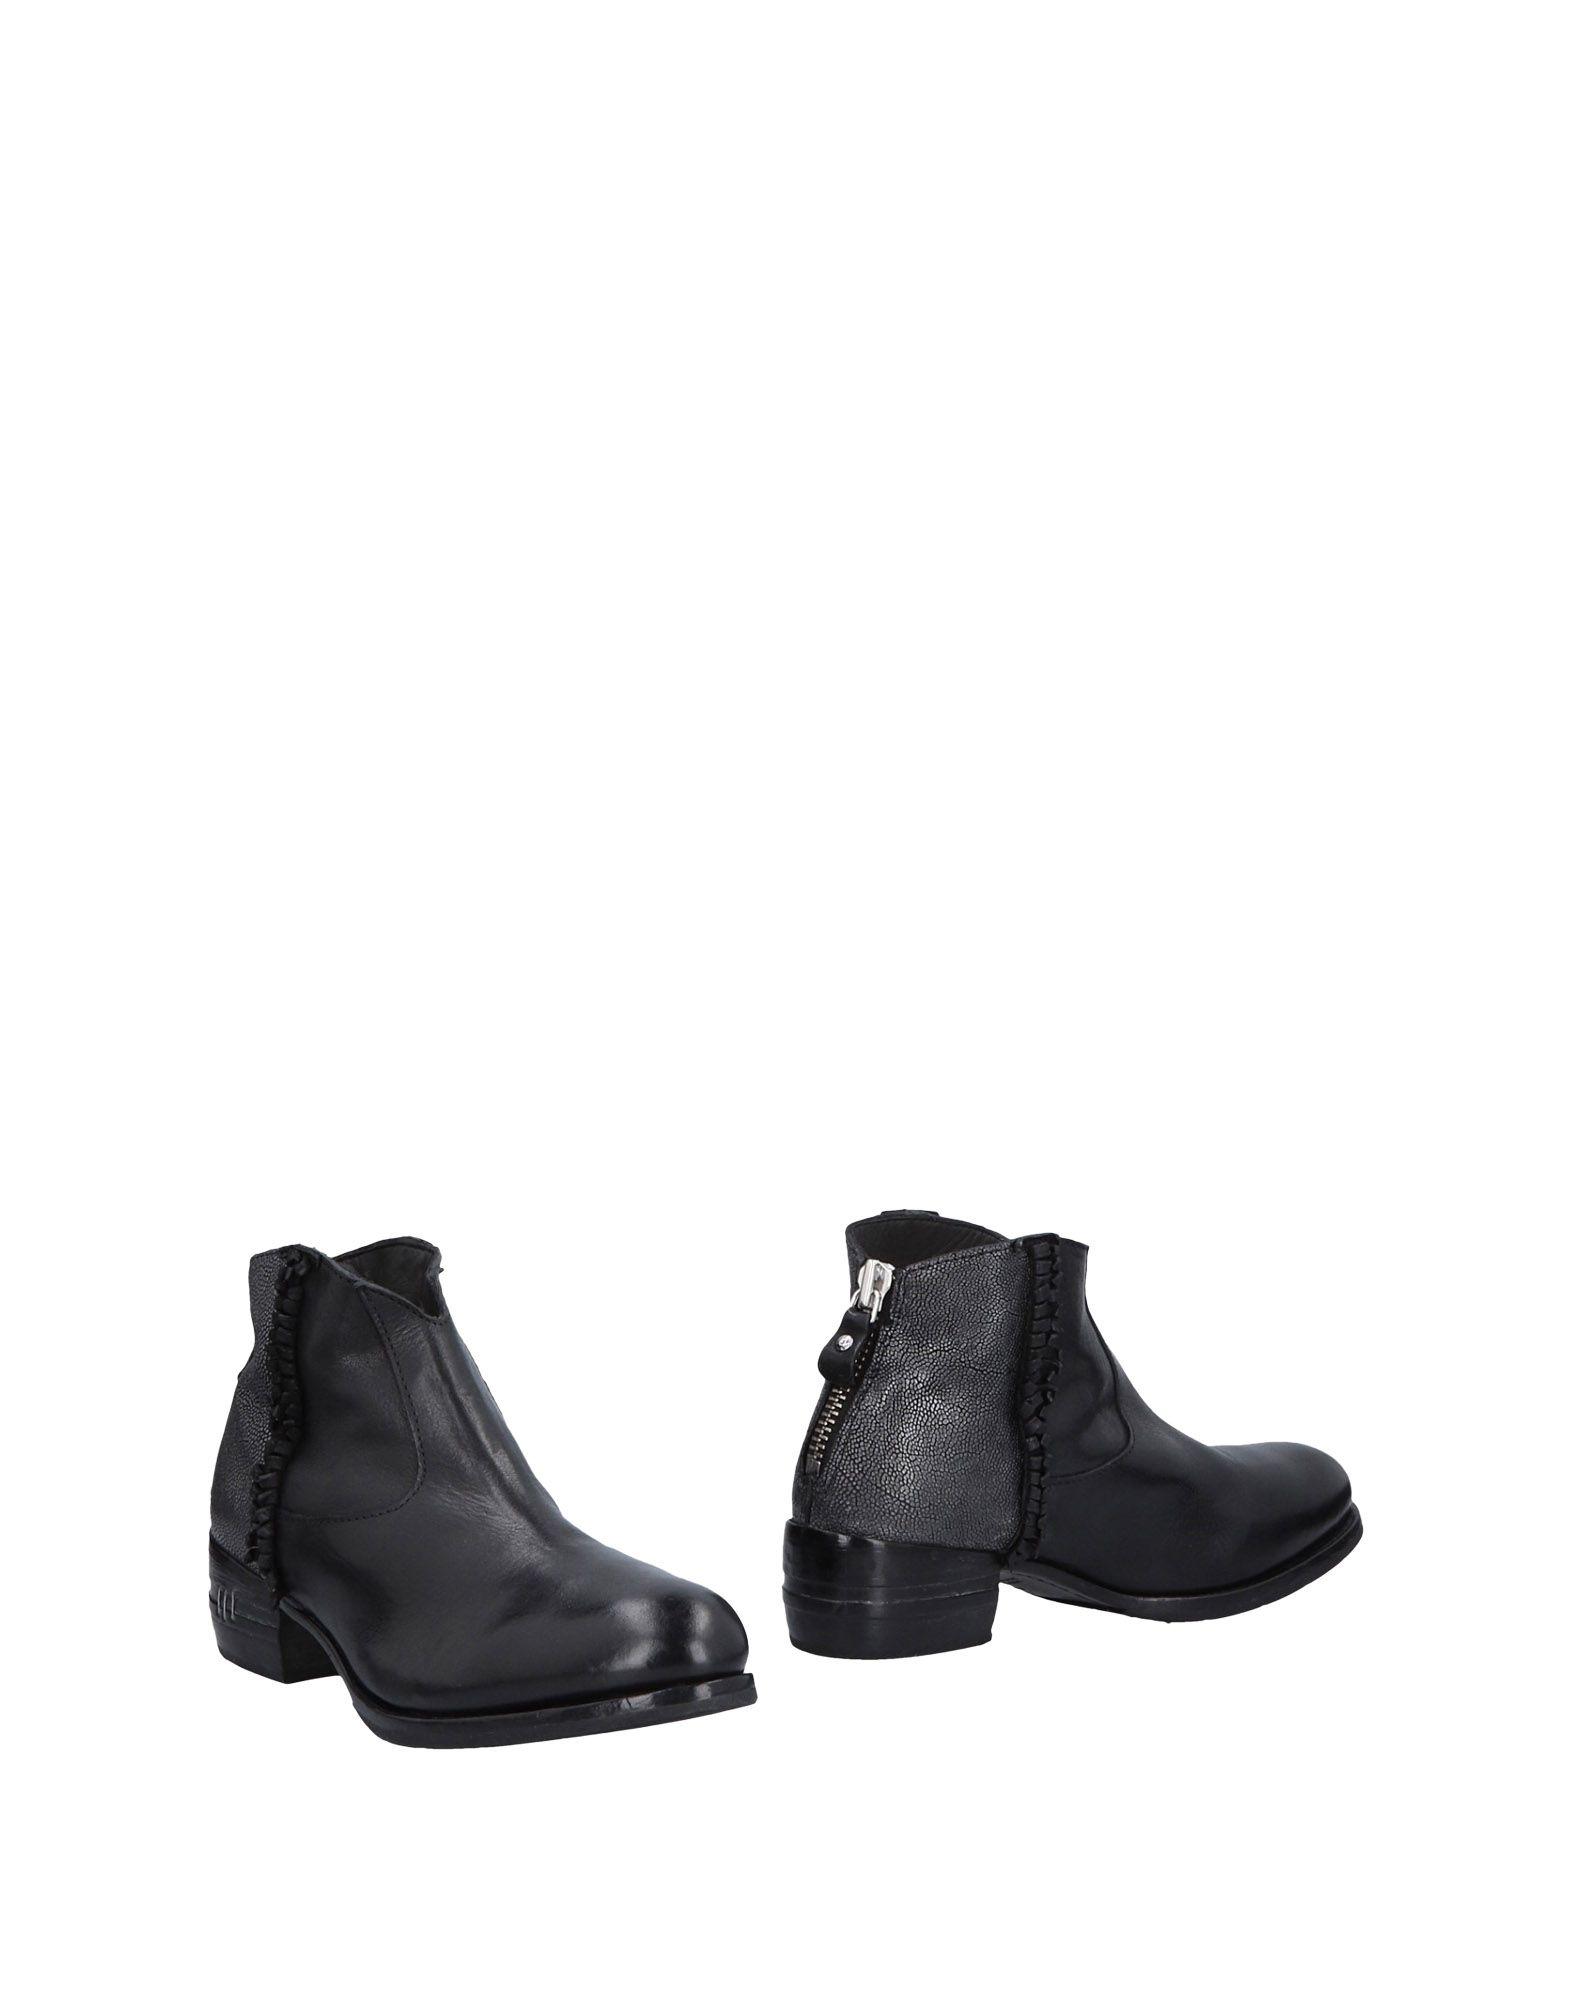 Moma Stiefelette Damen  11471563TMGut aussehende strapazierfähige Schuhe